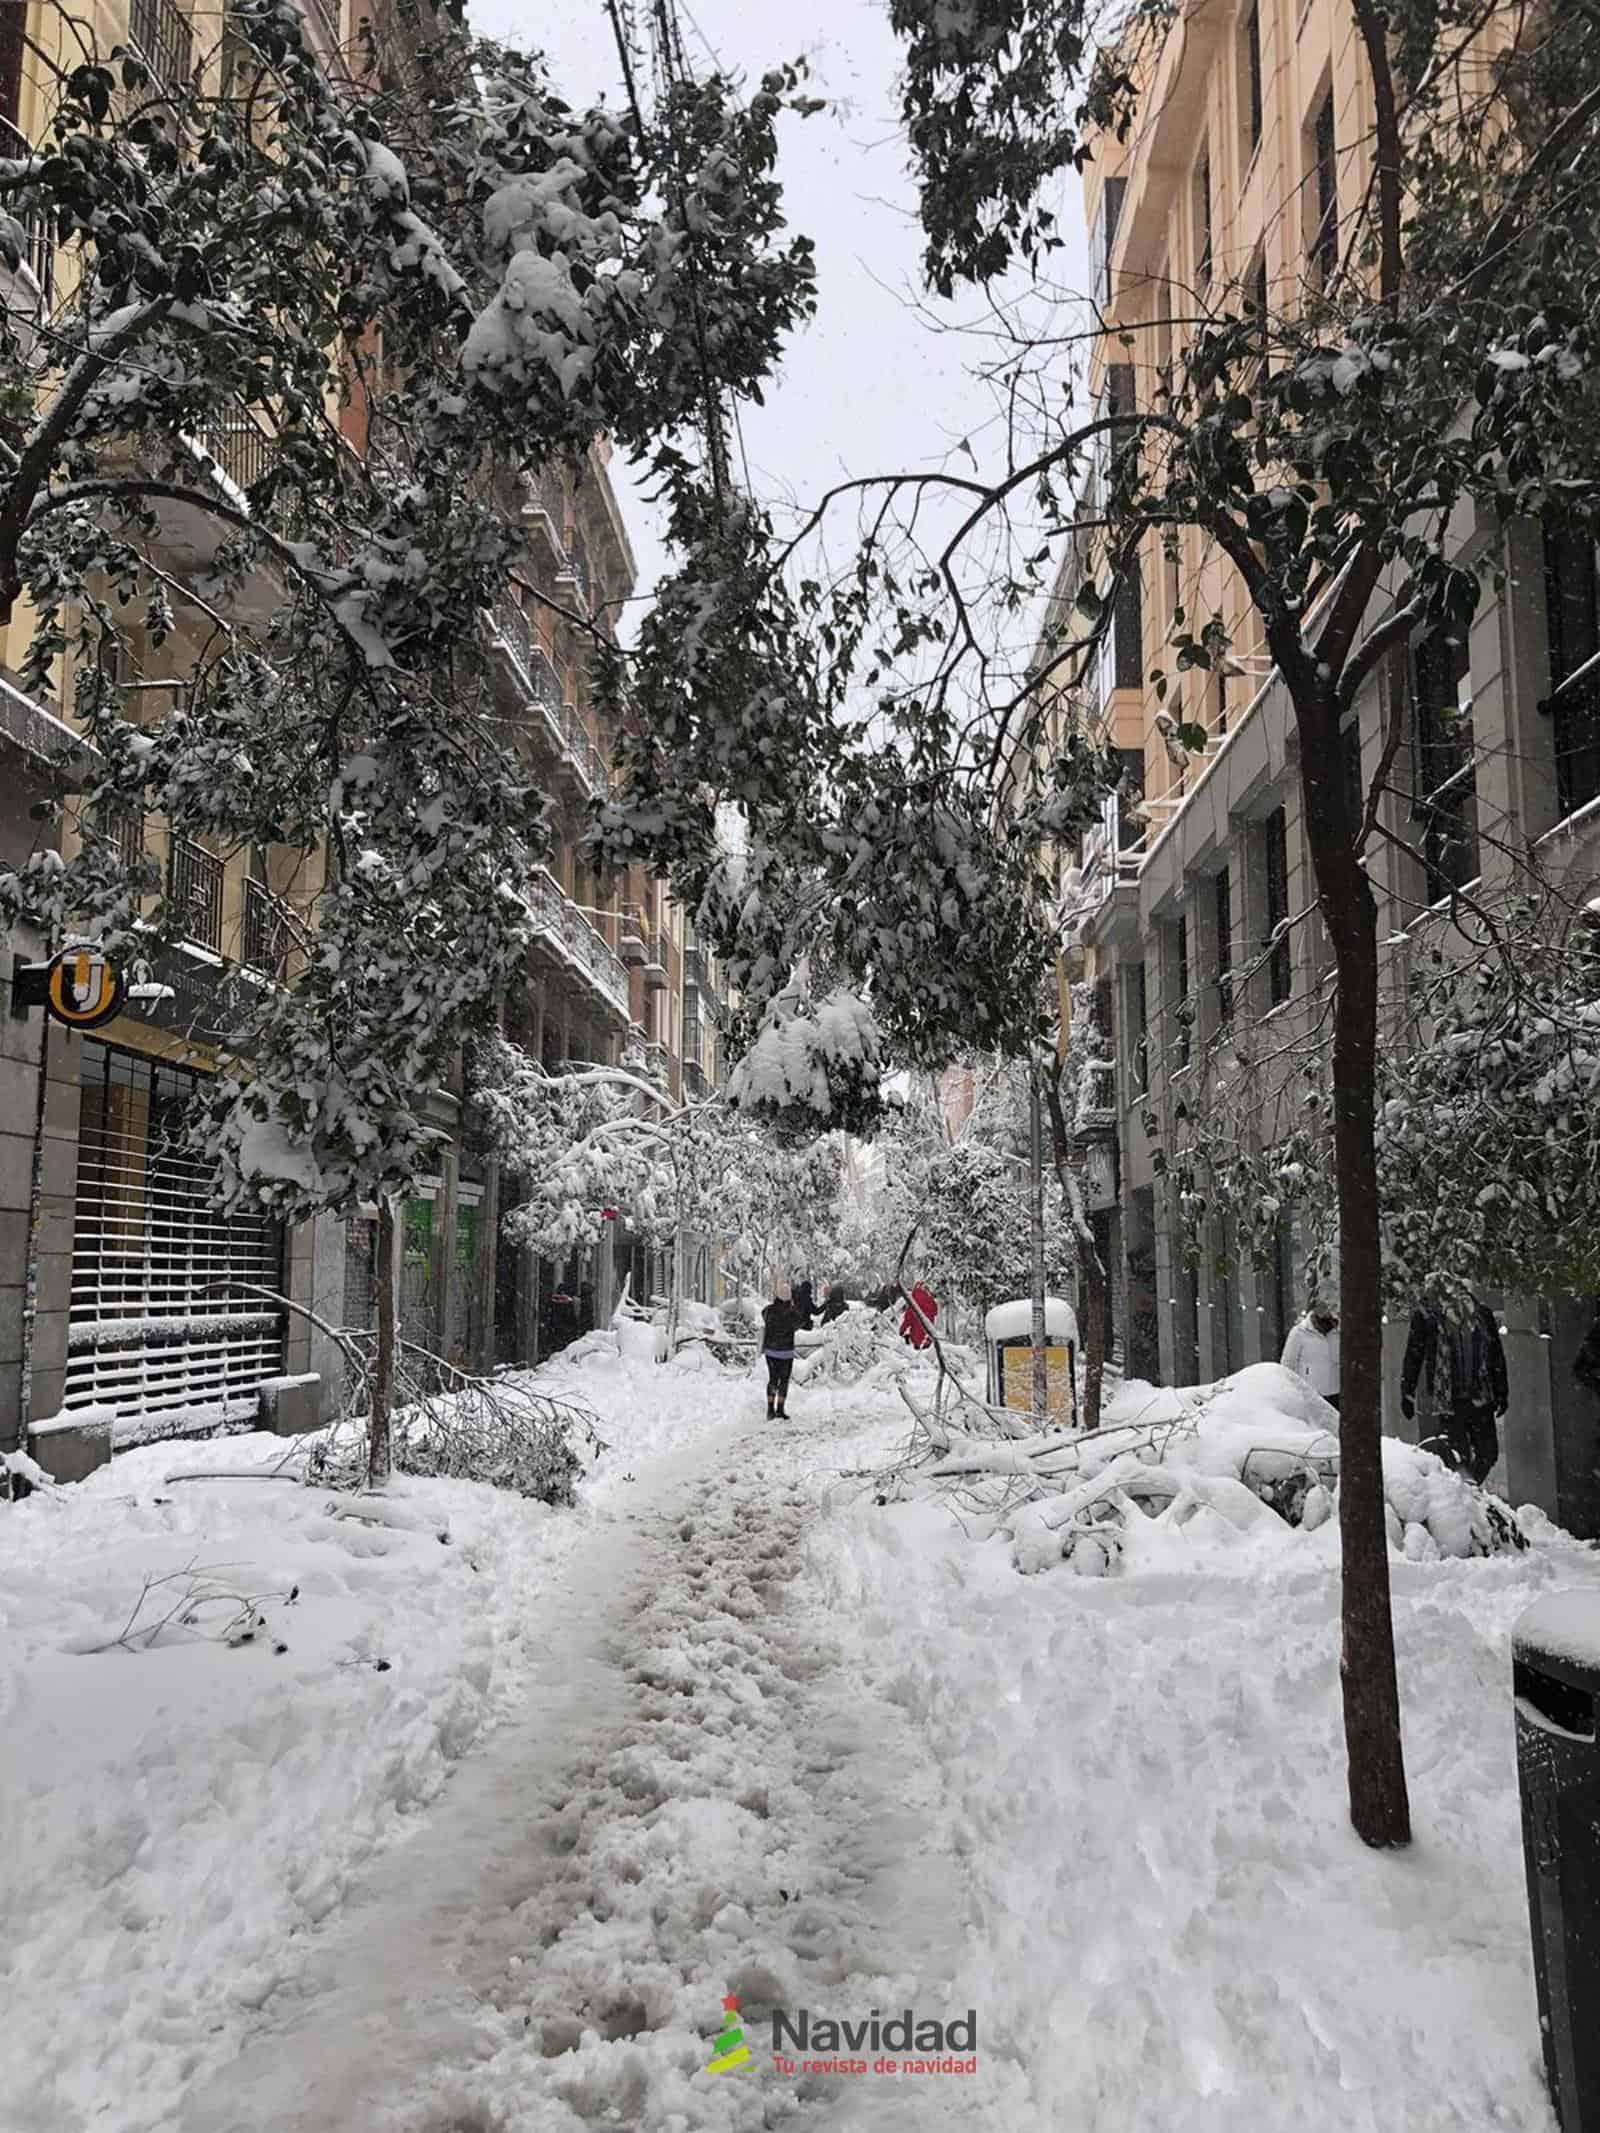 Fotografías de la nevada de enero en Madrid (España) 186